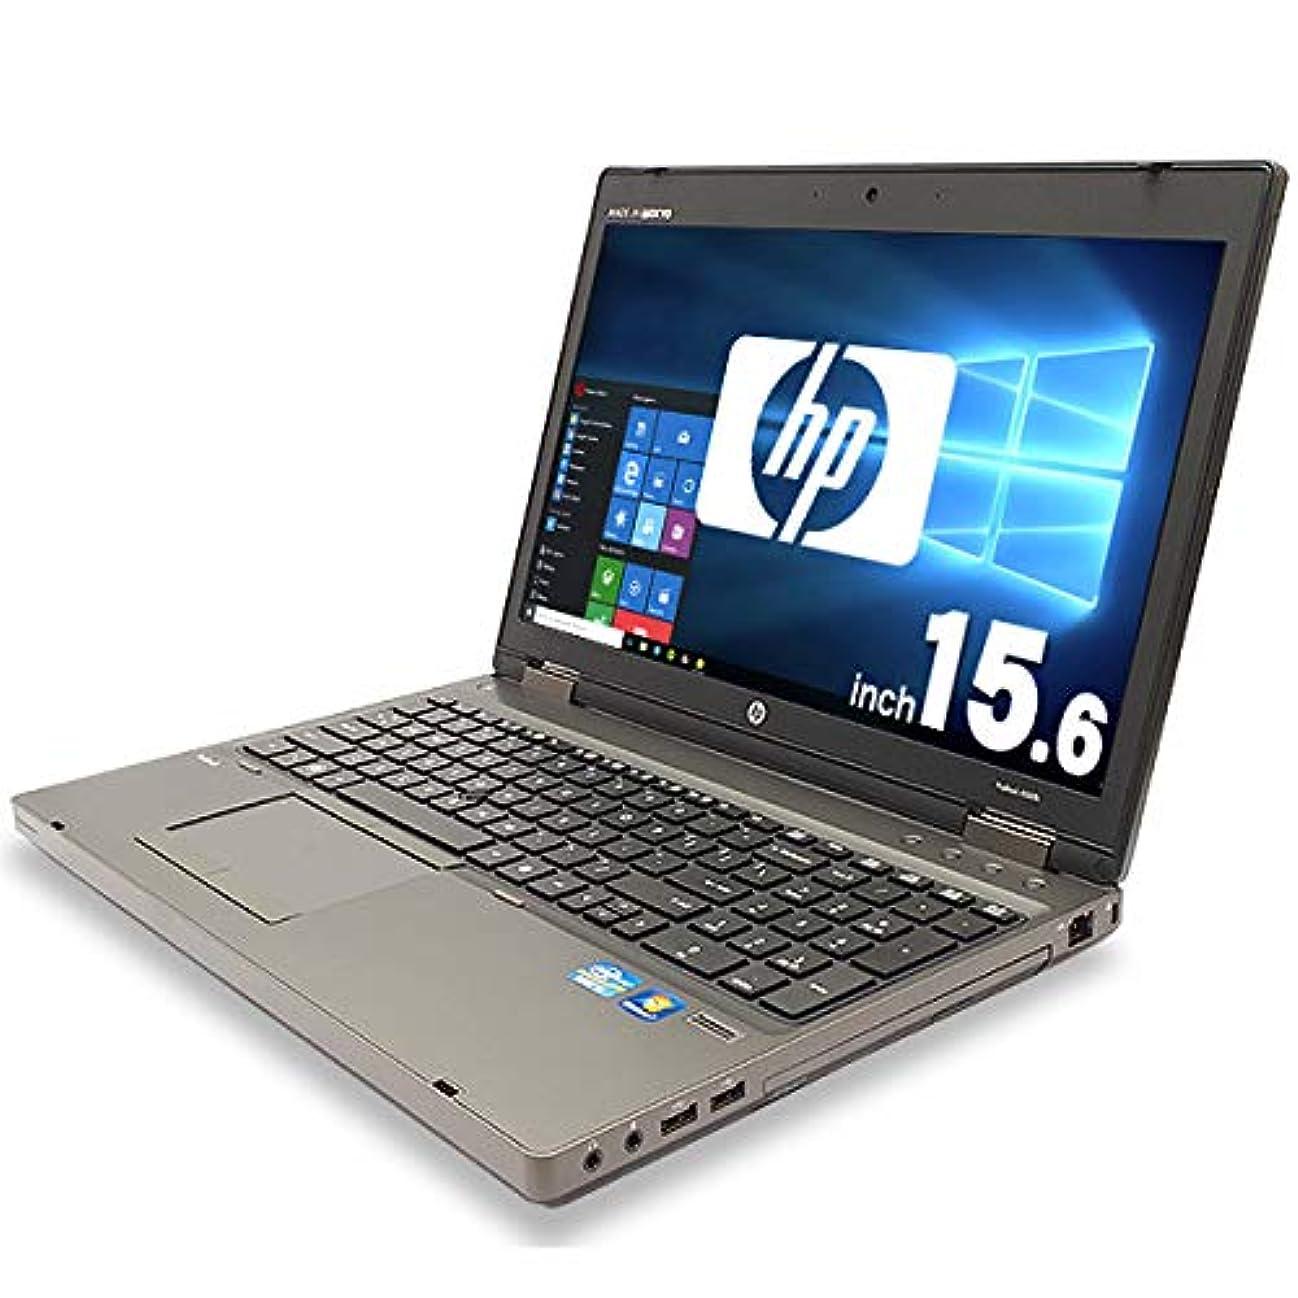 しないでください電子レンジレコーダーノートパソコン 中古 HP ProBook 6560b Core i5 4GBメモリ 15.6インチワイド DVD-ROMドライブ Windows10 WPS Office 付き